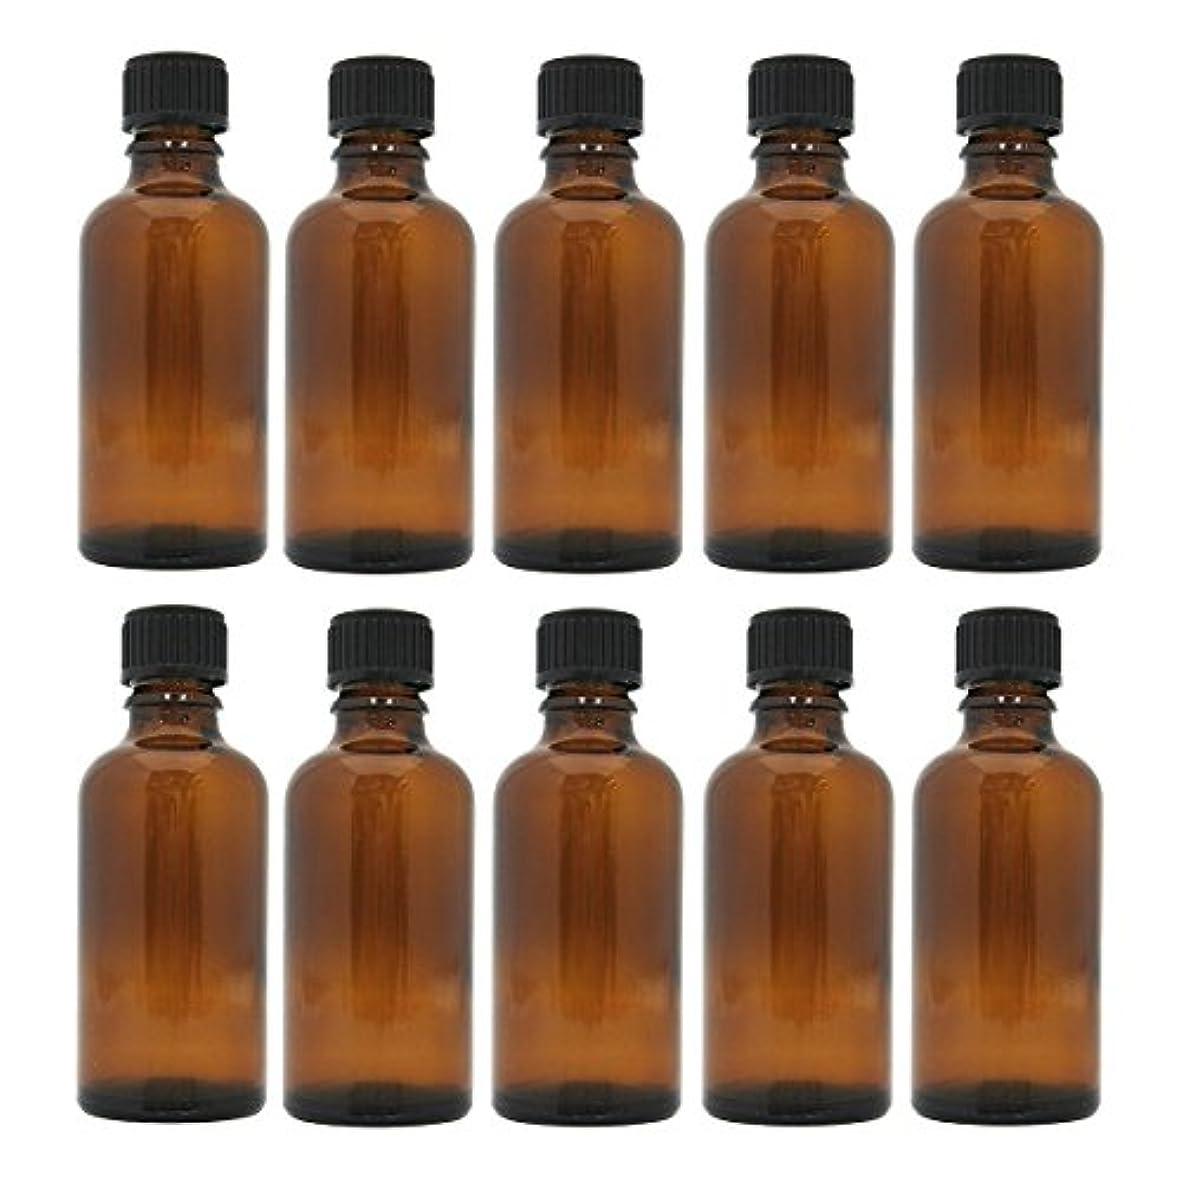 布義務づける薬理学茶色遮光瓶 50ml (ドロッパー付) 10本セット